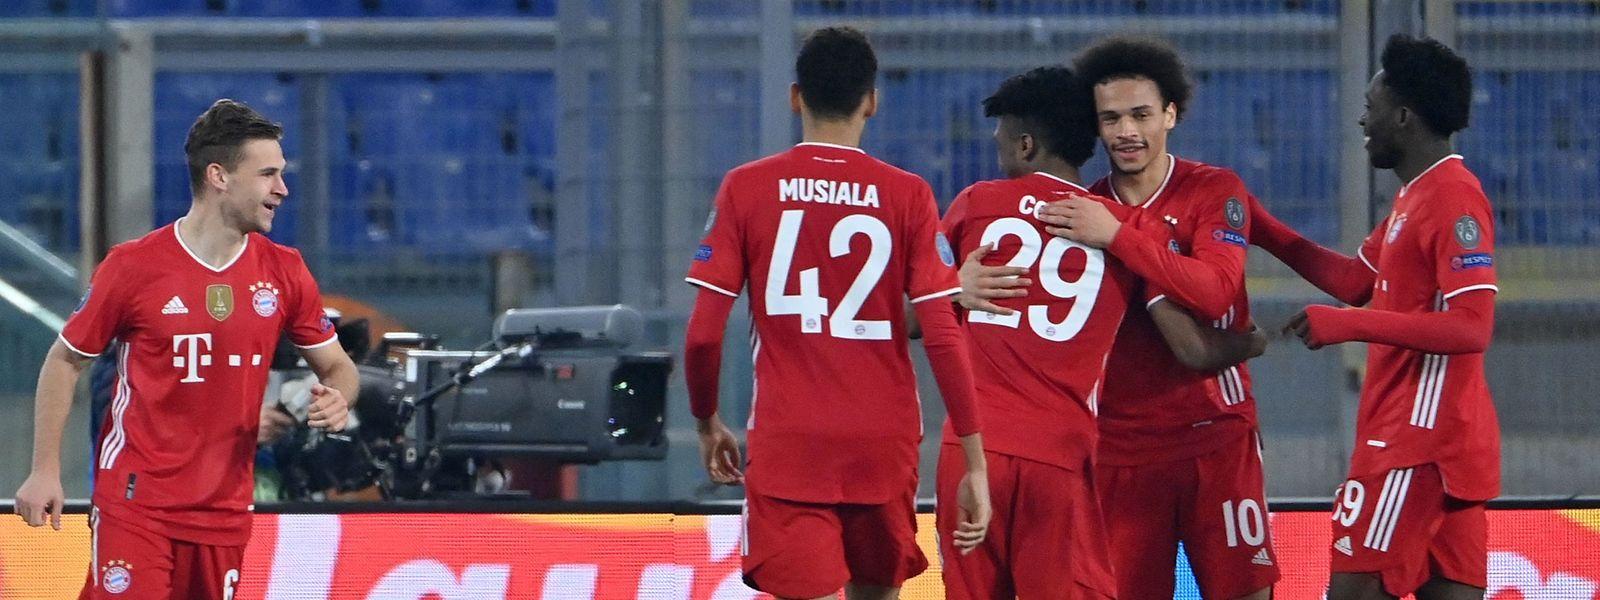 Souveräner Auftritt: Die Münchner Joshua Kimmich, Jamal Musiala, Kingsley Coman, Leroy Sané und Alphonso Davis (v.l.n.tr.) freuen sich über den lockeren Sieg.